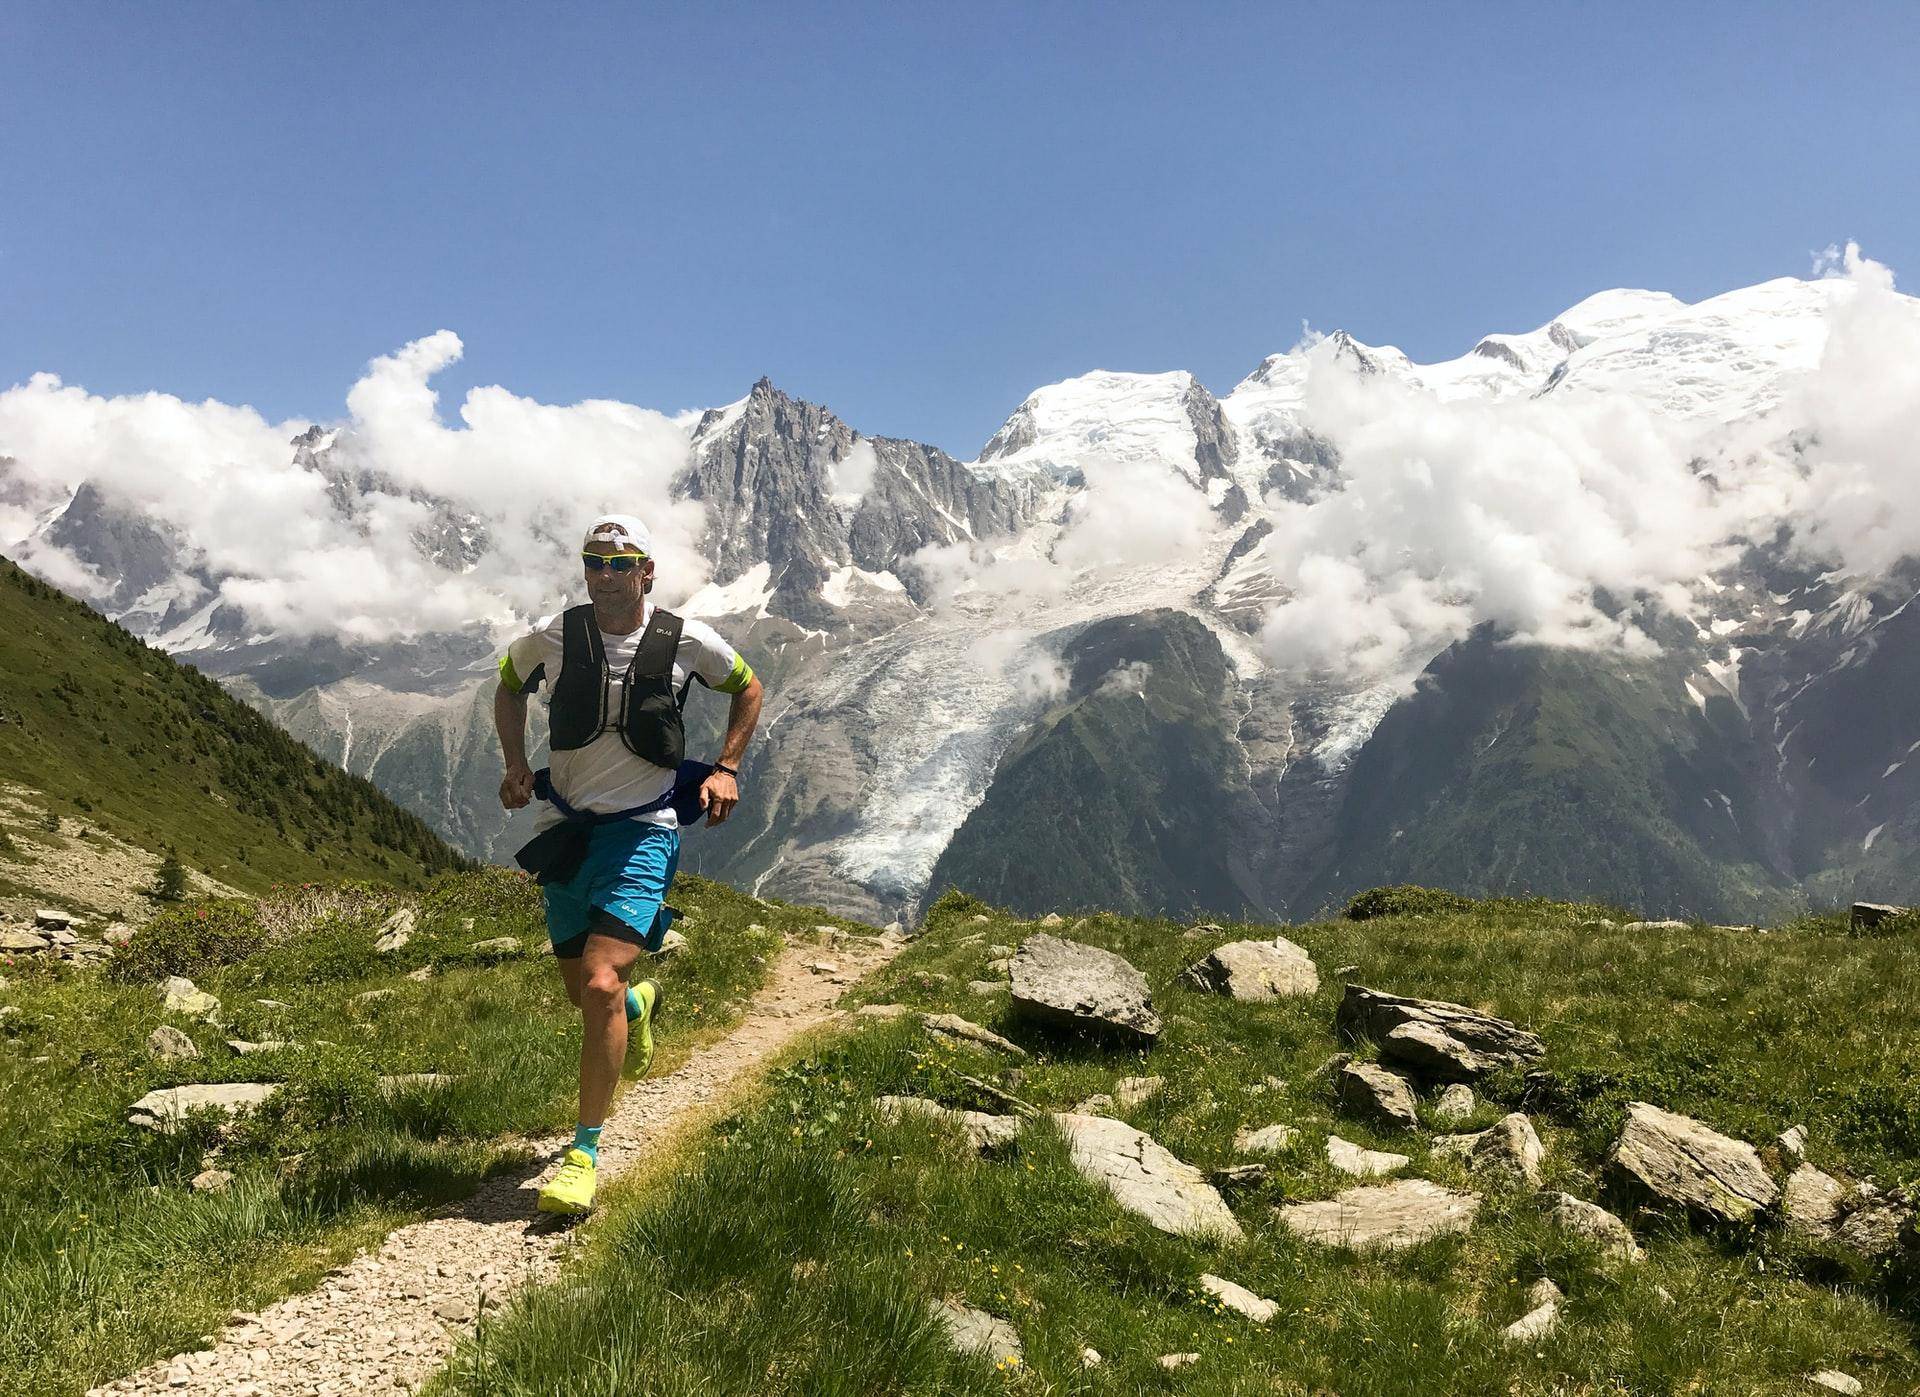 Runner on mountain top